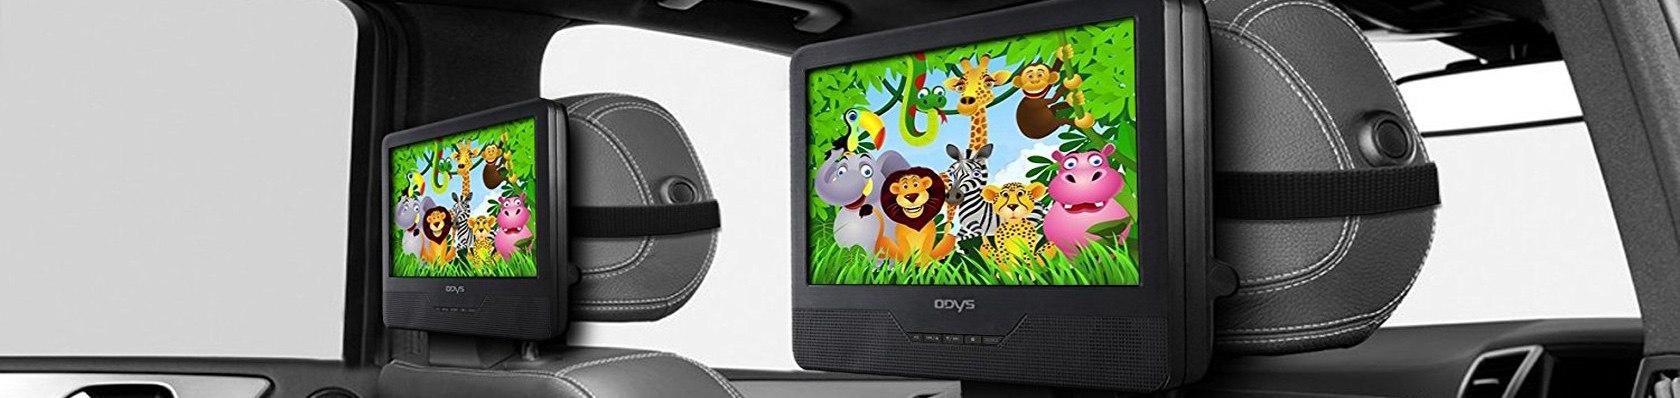 tragbaren DVD-Player im Test auf ExpertenTesten.de